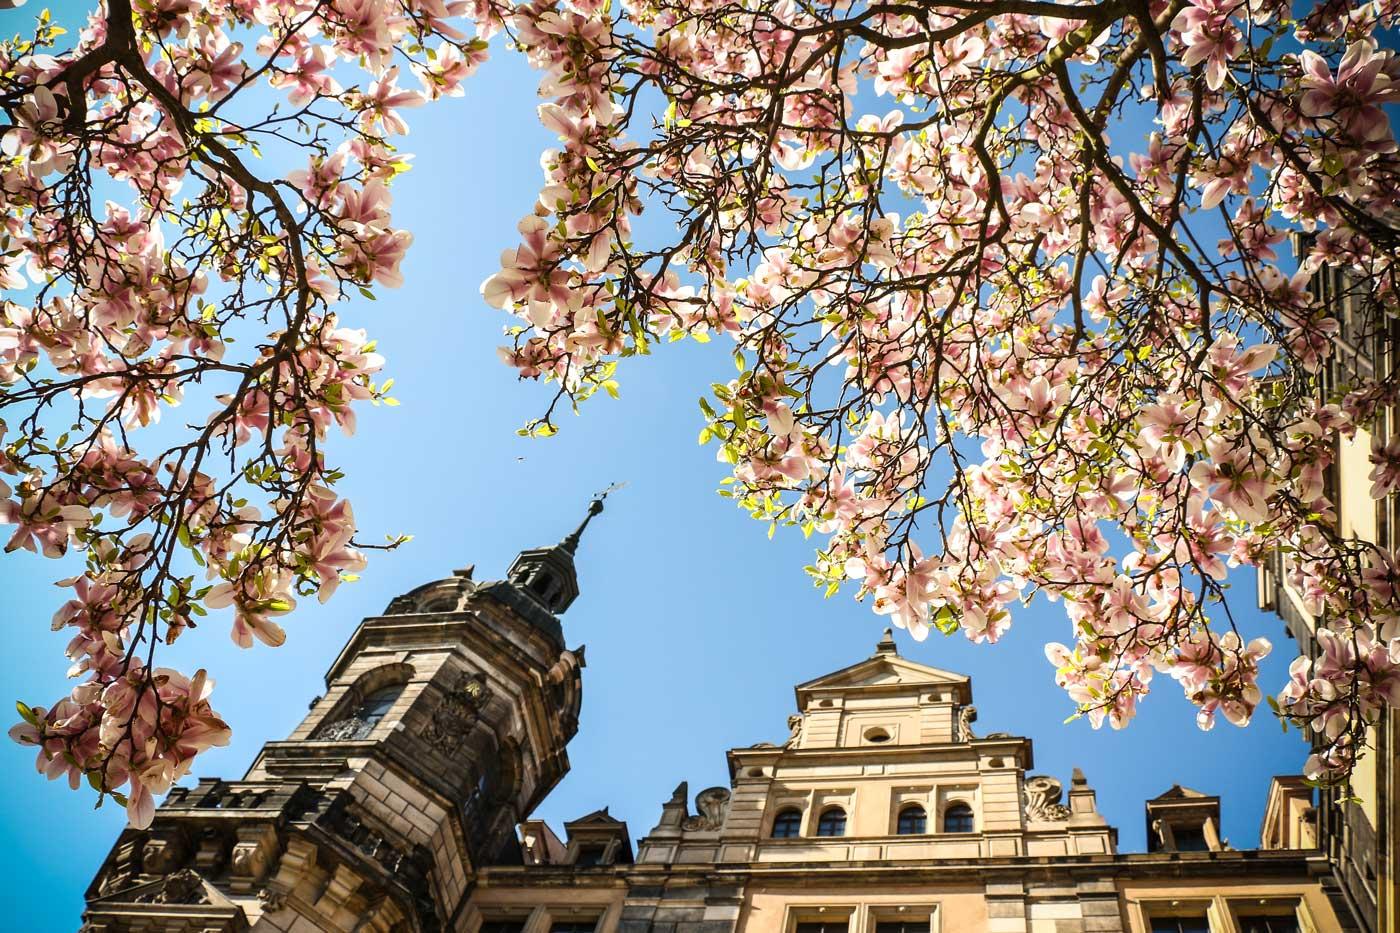 Blick in die blühende Magnolie am Dresdner Residenzschloss